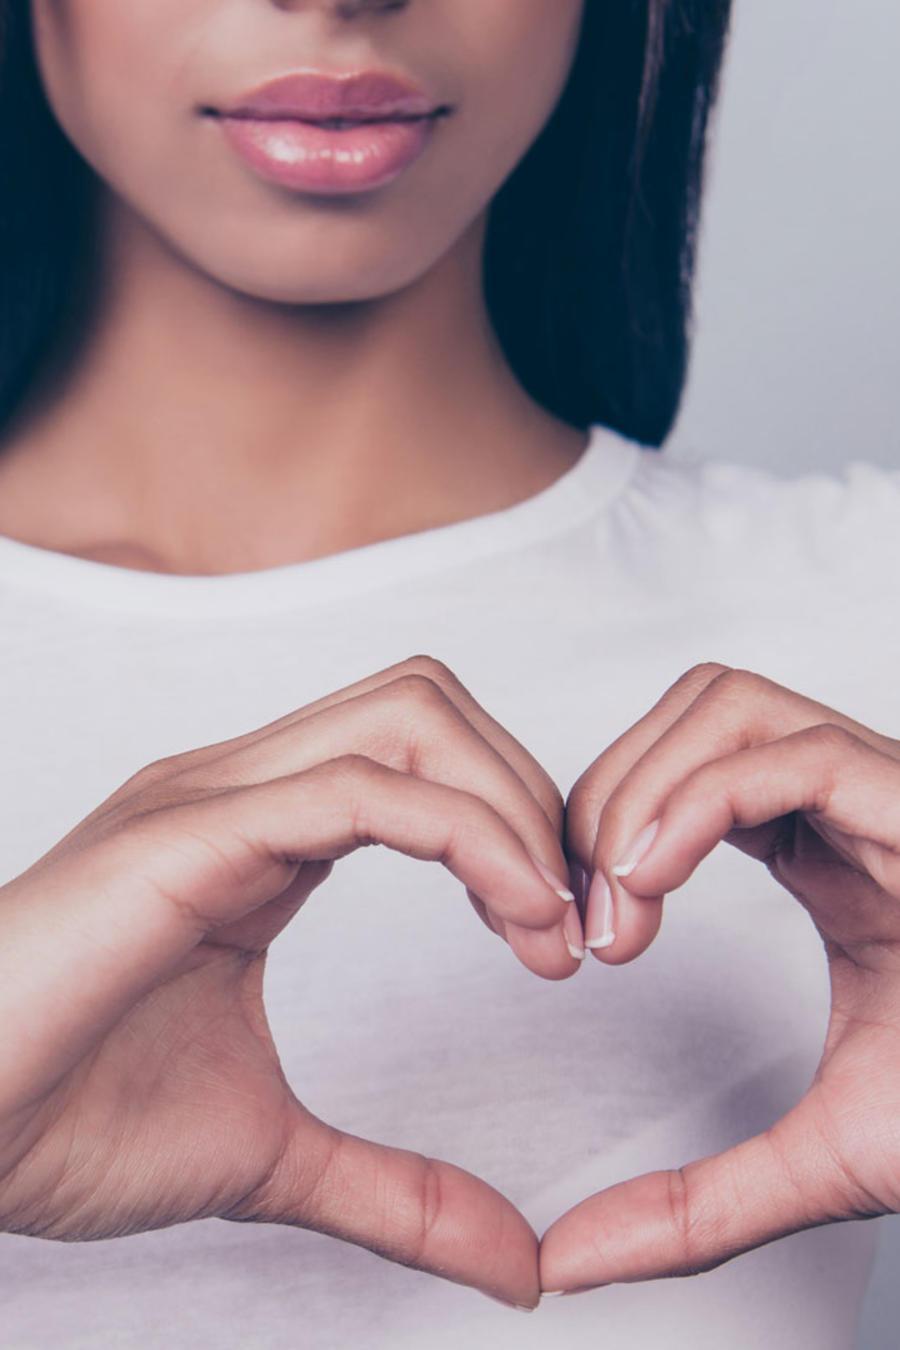 Mujer joven formando un corazón con las manos